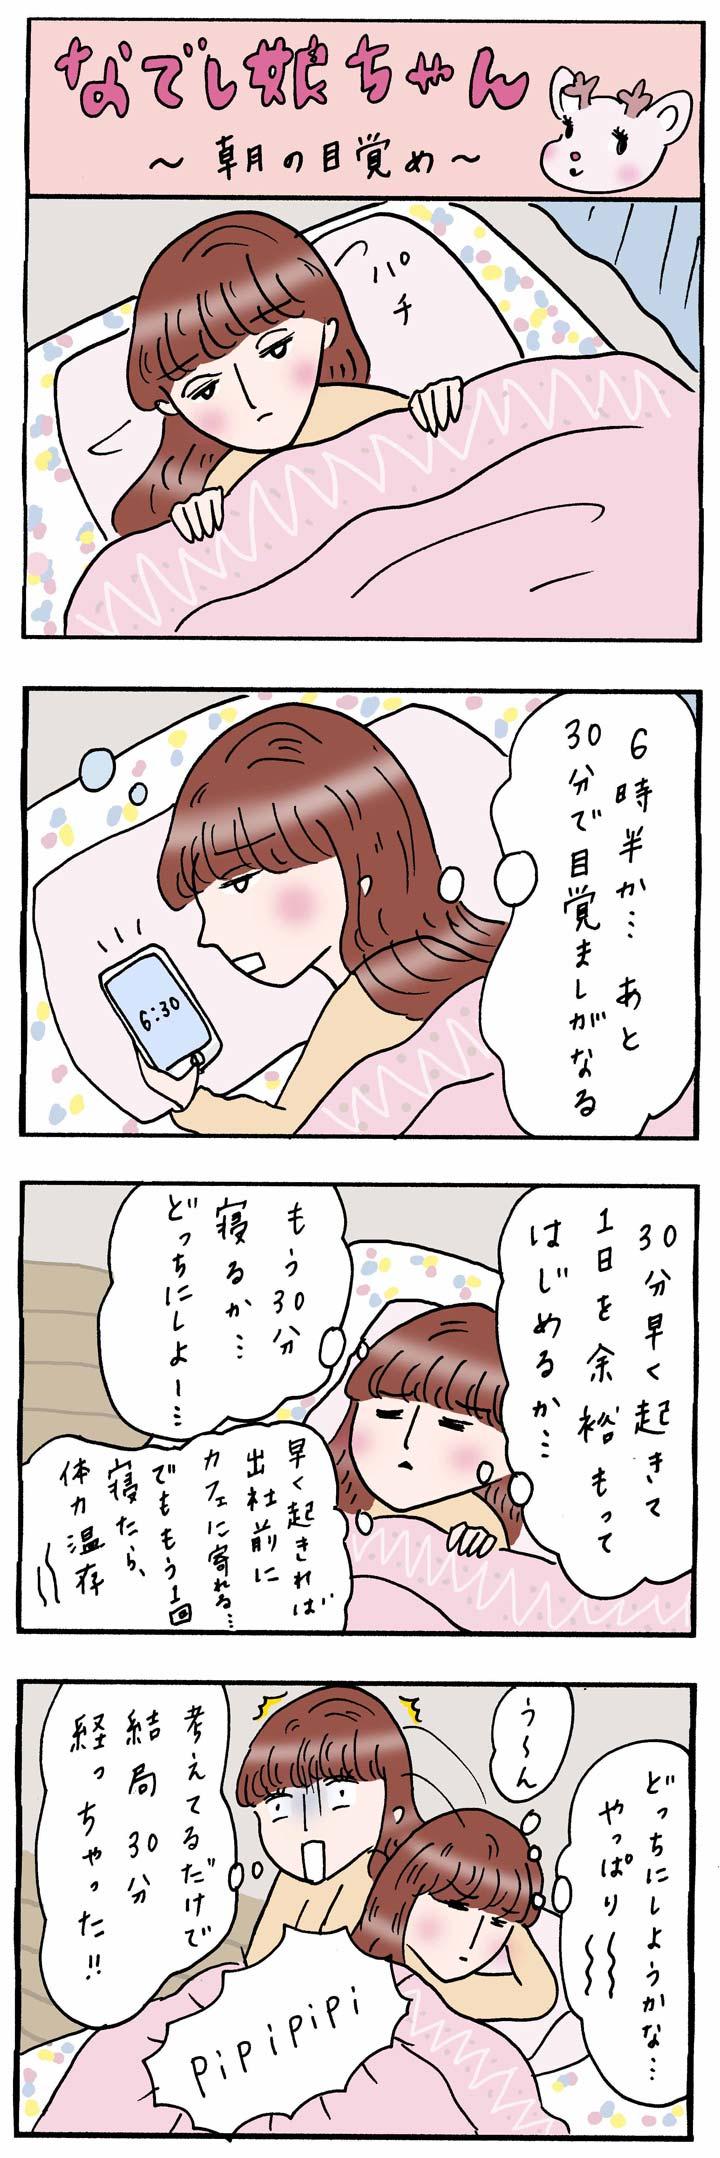 なでし娘ちゃん「朝の目覚め」